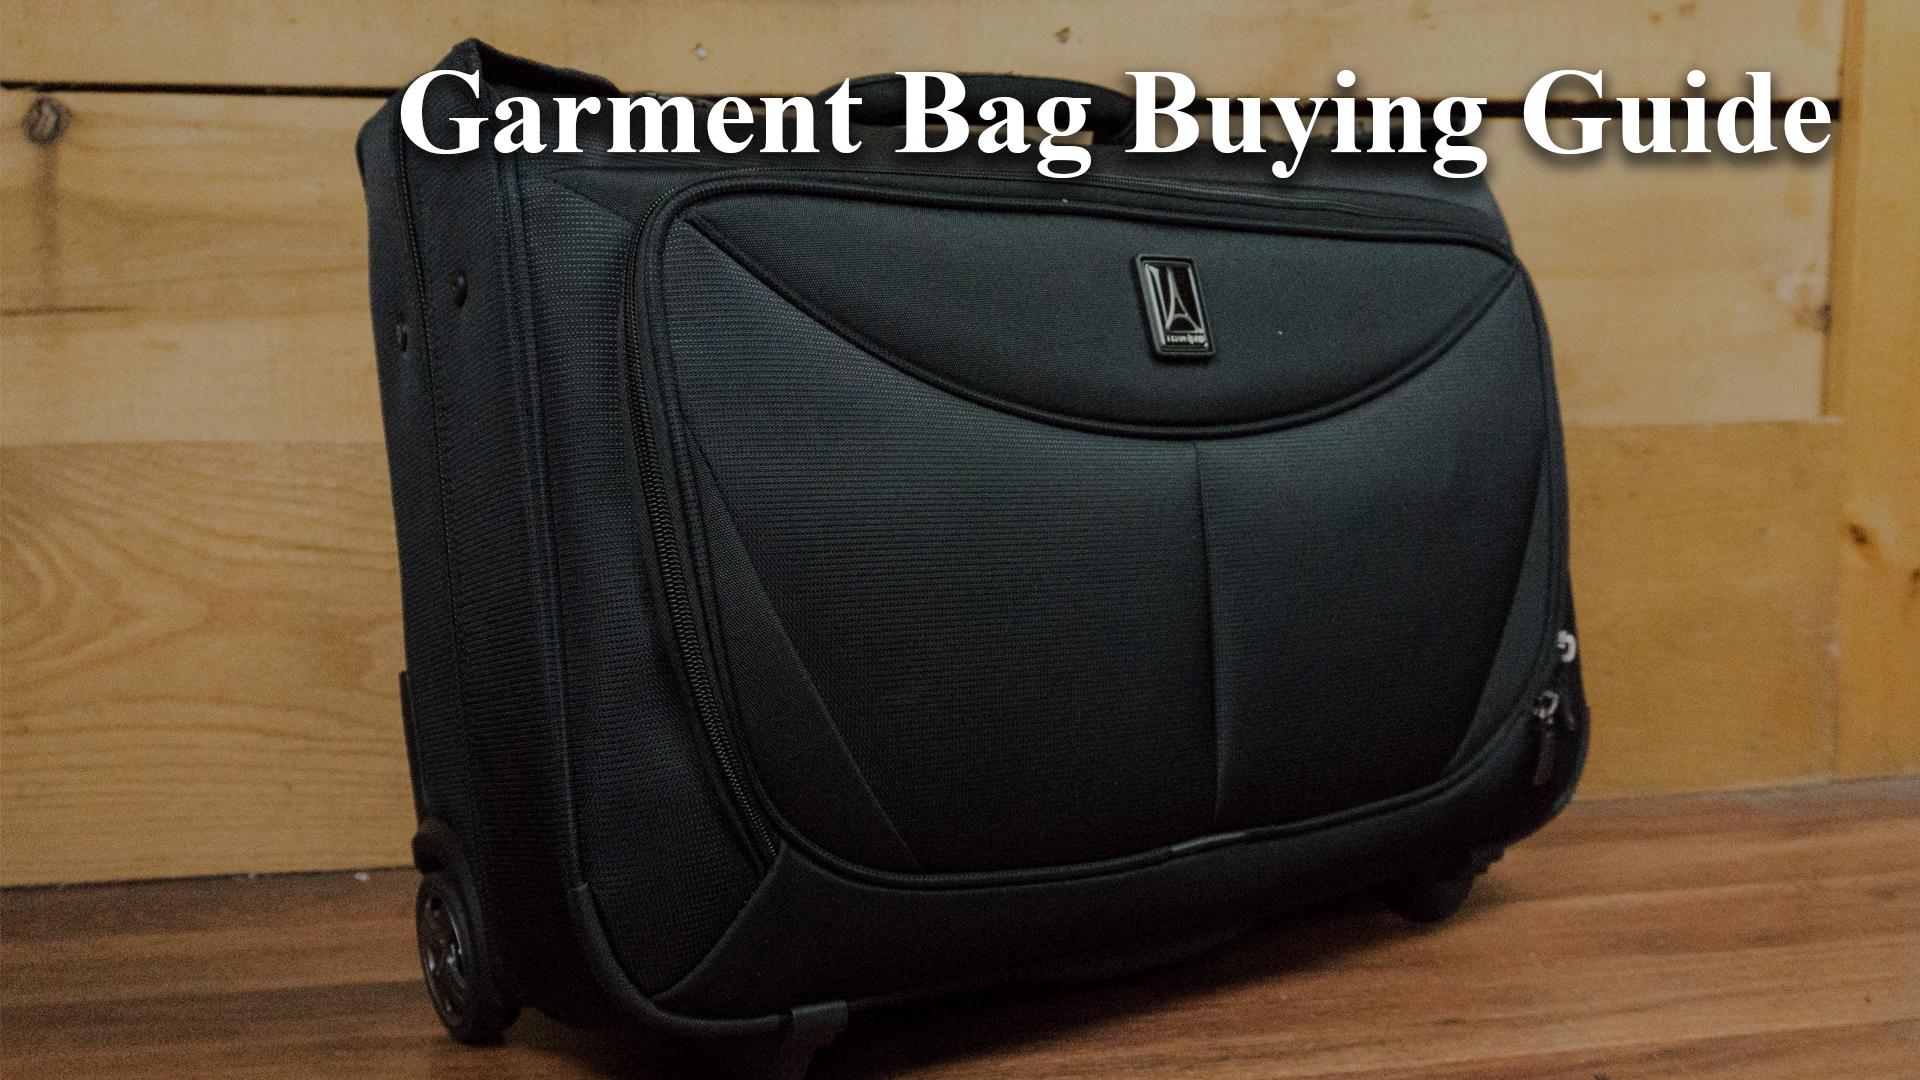 Garment Bag Buying Guide Main